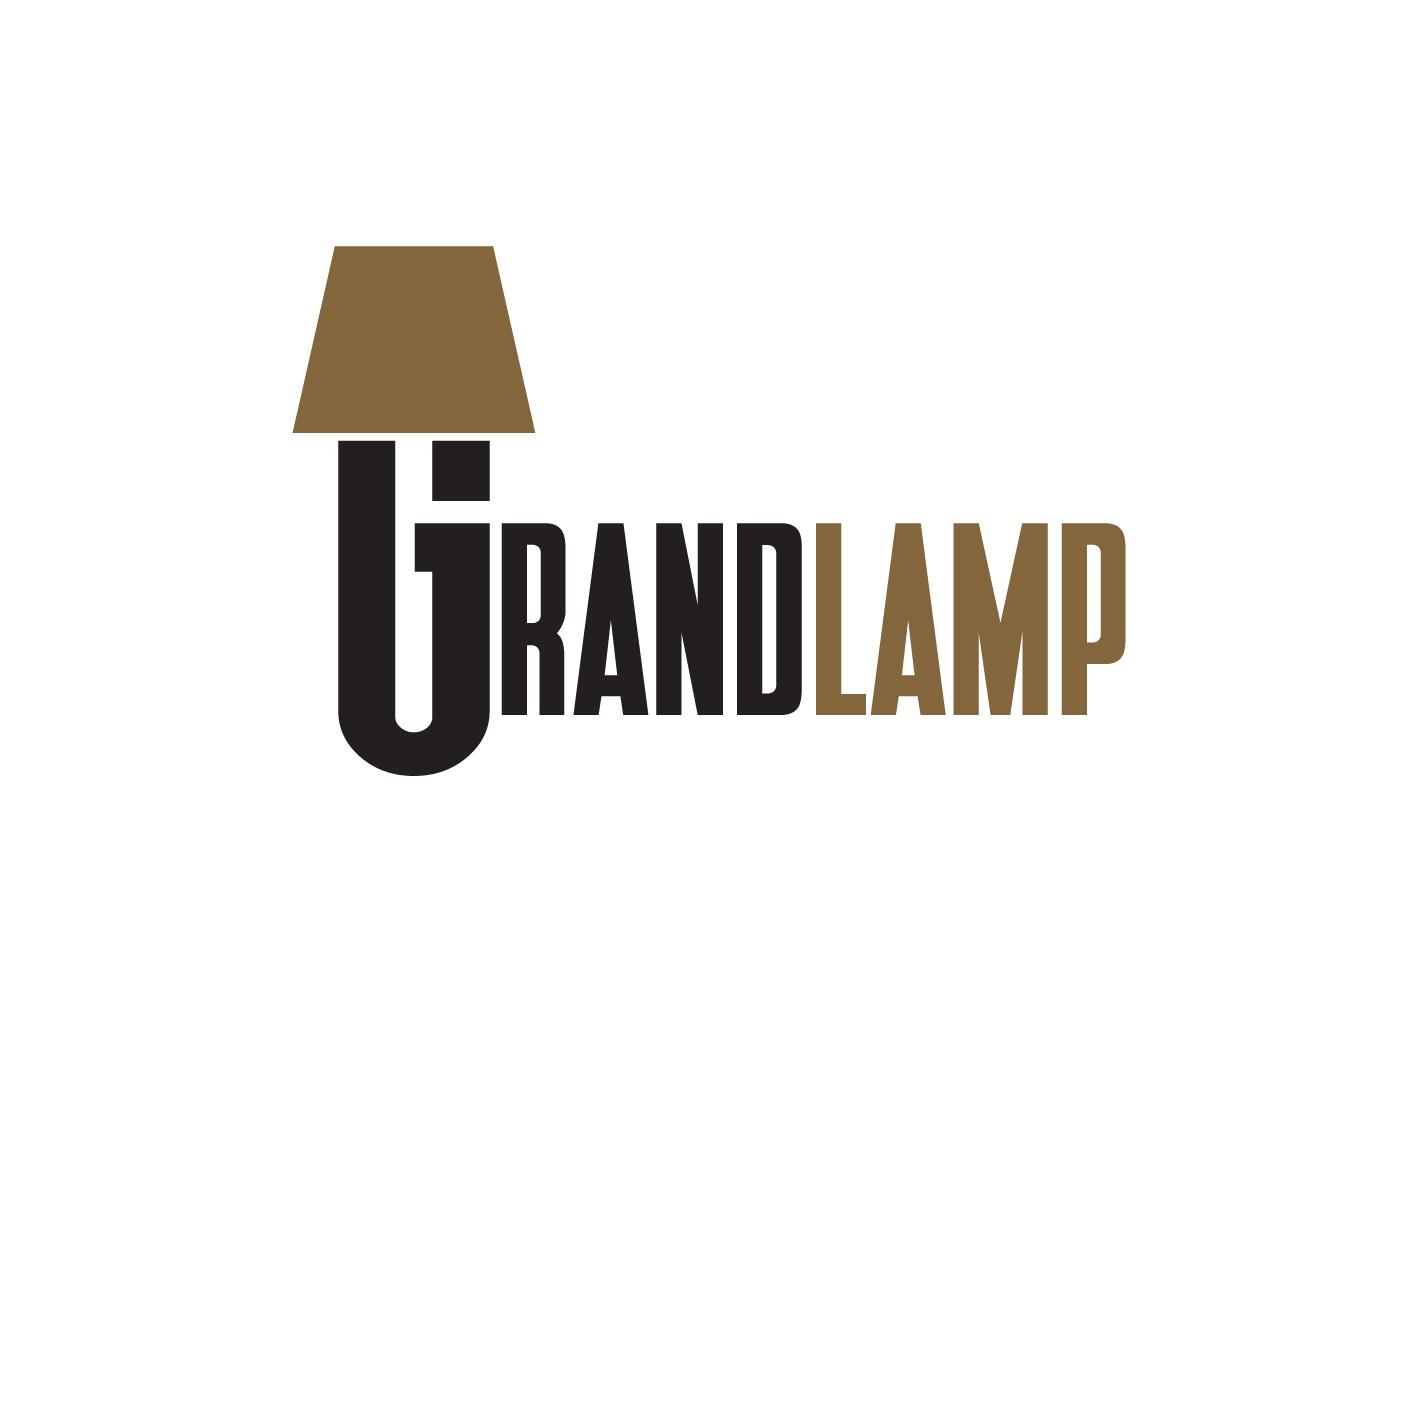 Разработка логотипа и элементов фирменного стиля фото f_95957dd62d228007.png